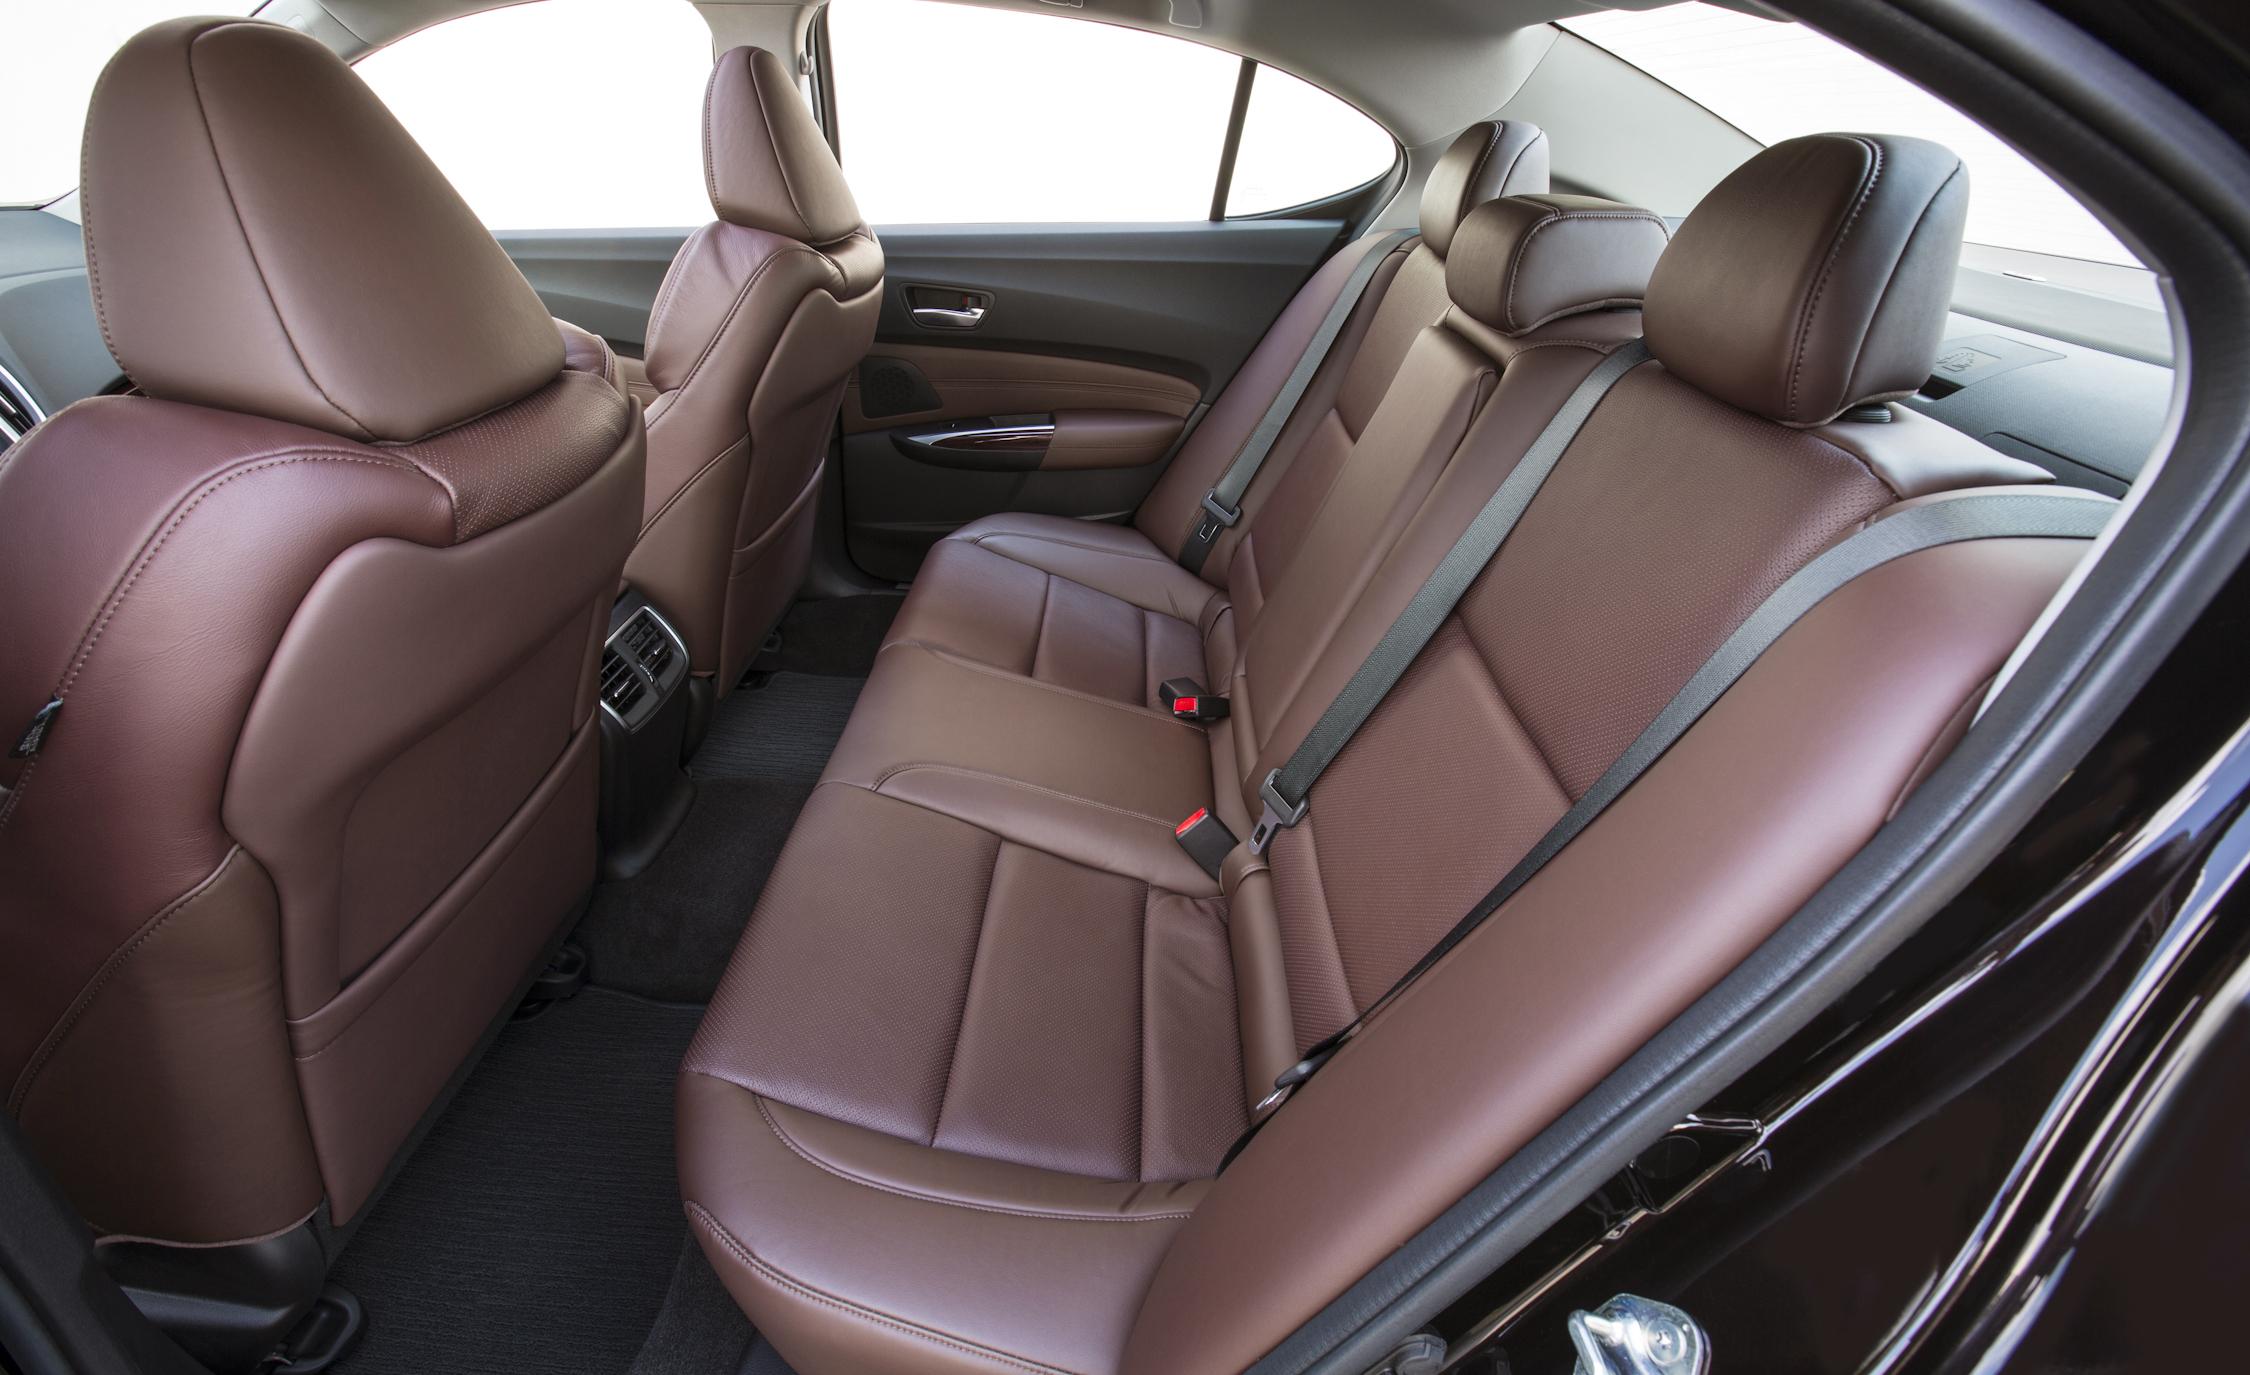 2015 Acura TLX 3.5L Interior Rear Seats